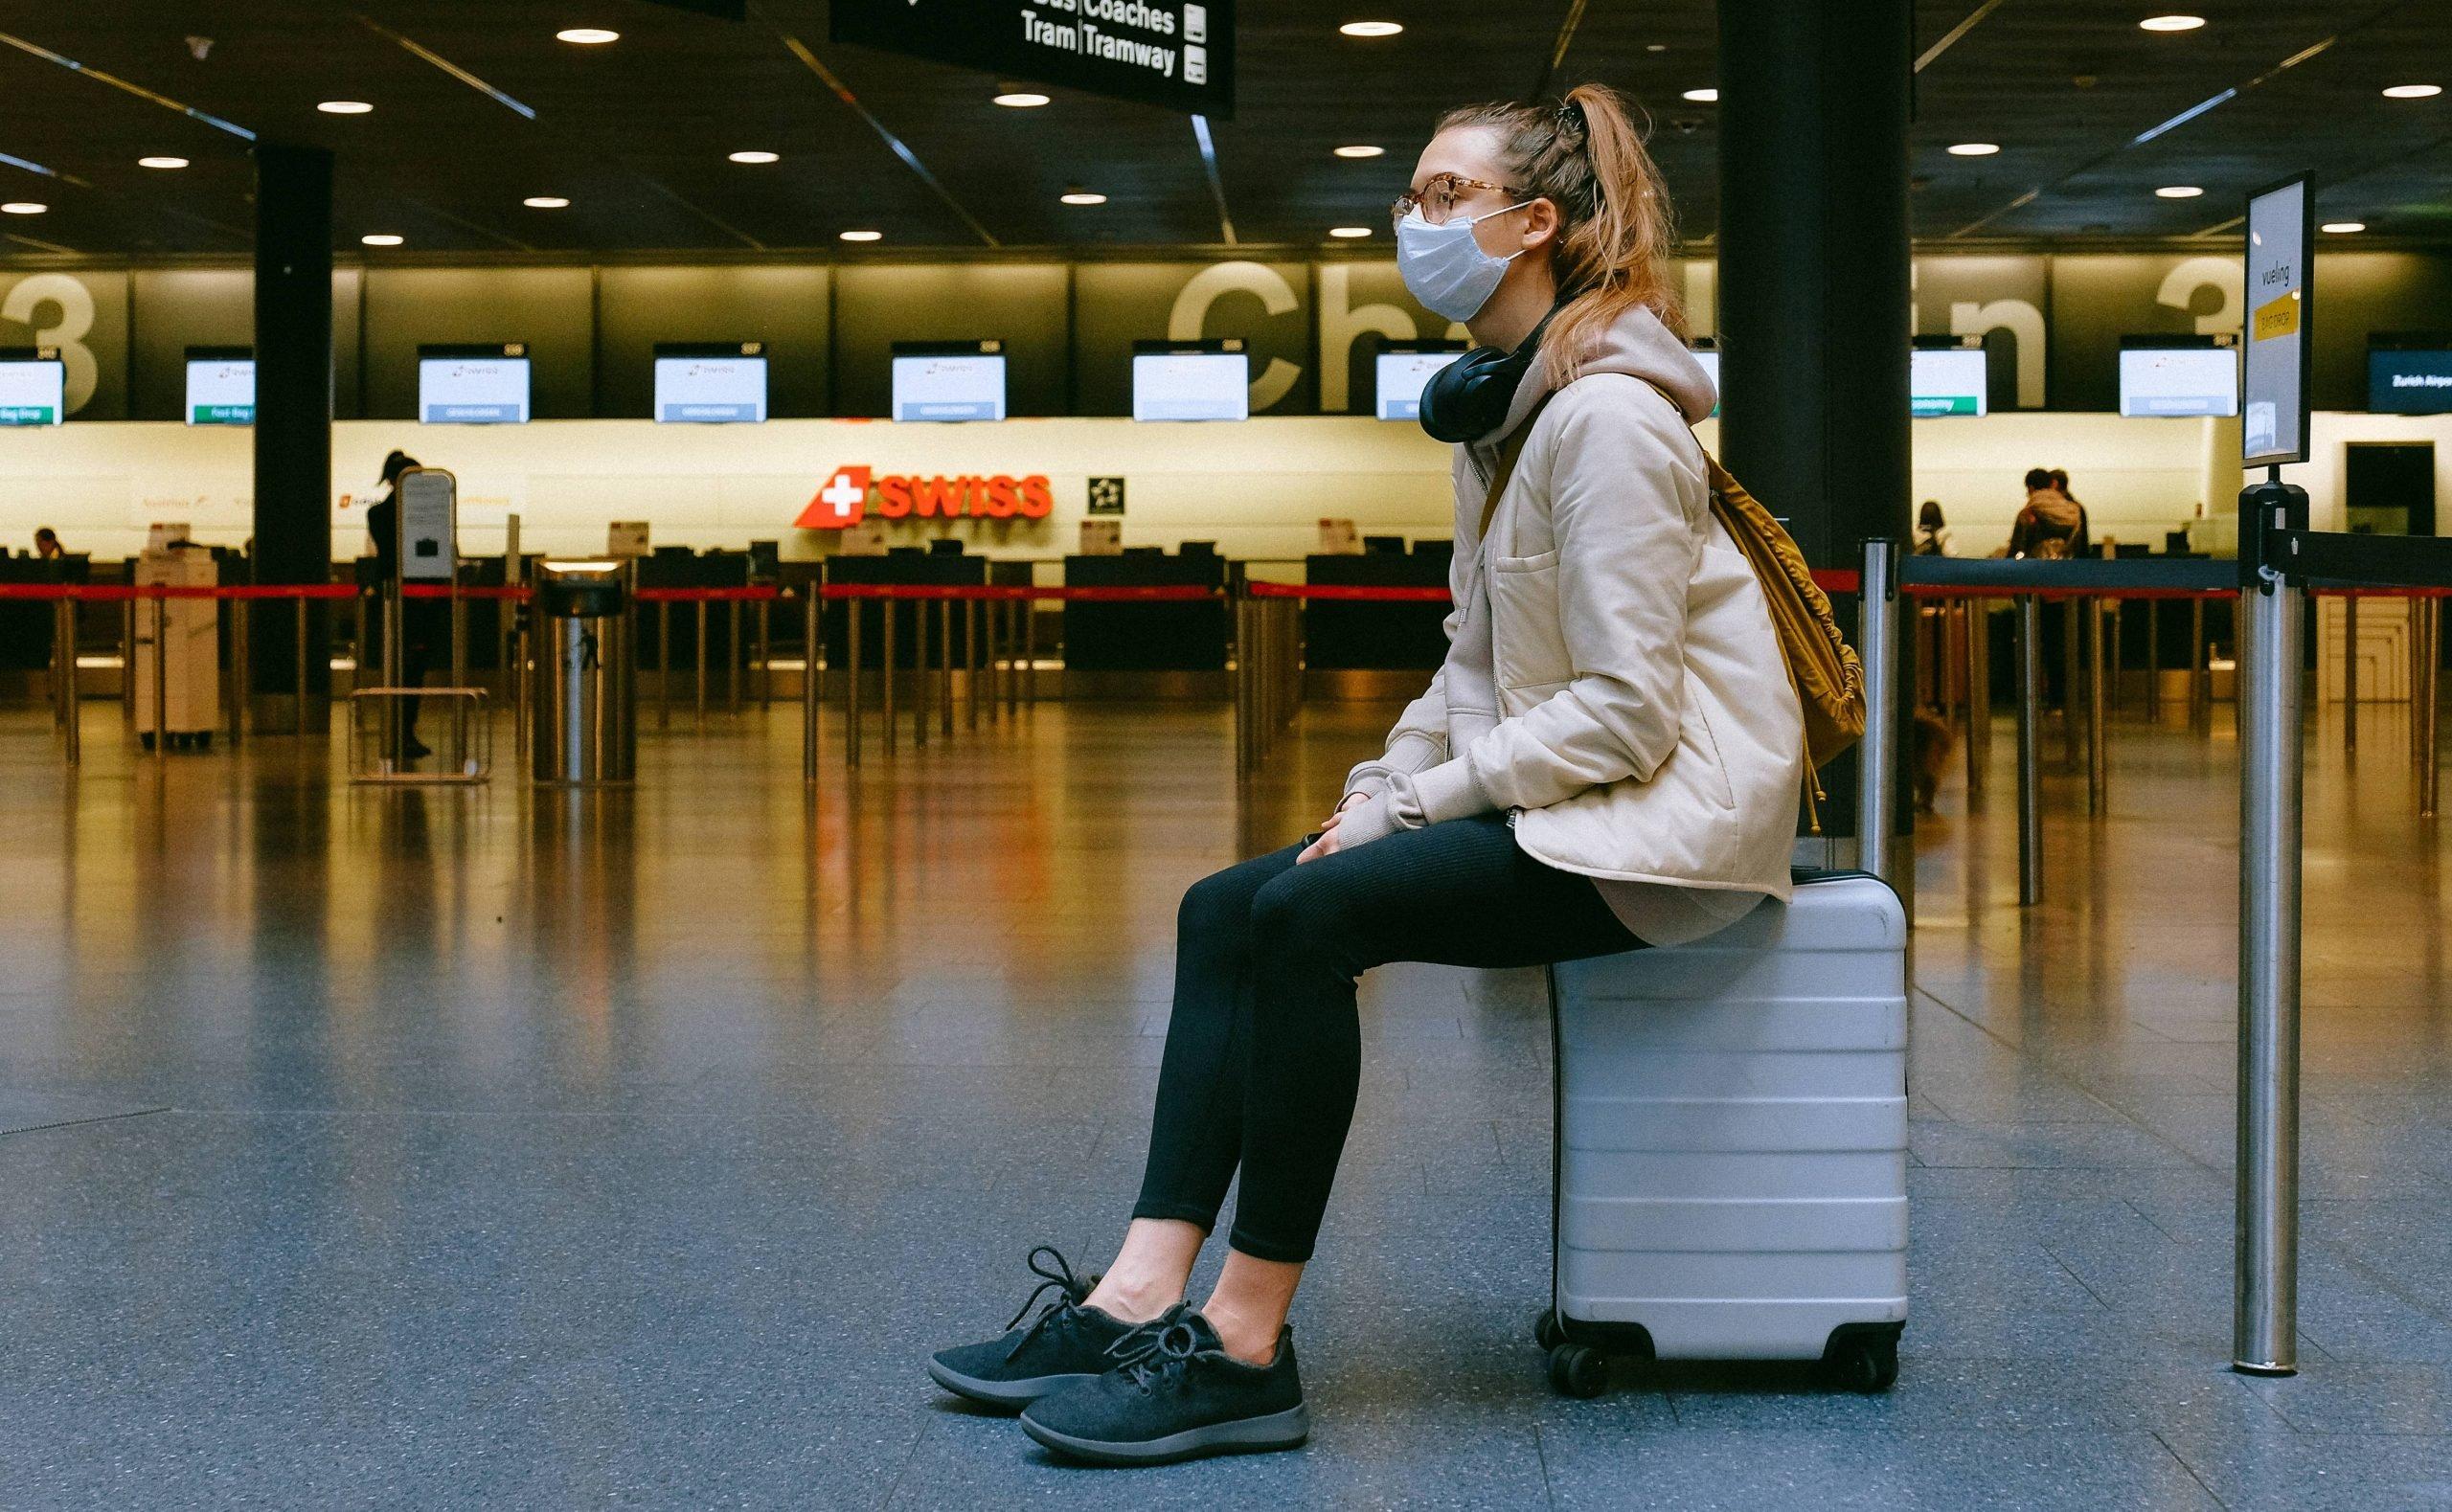 Kabinet verplicht negatieve test voor reizigers uit buitenland